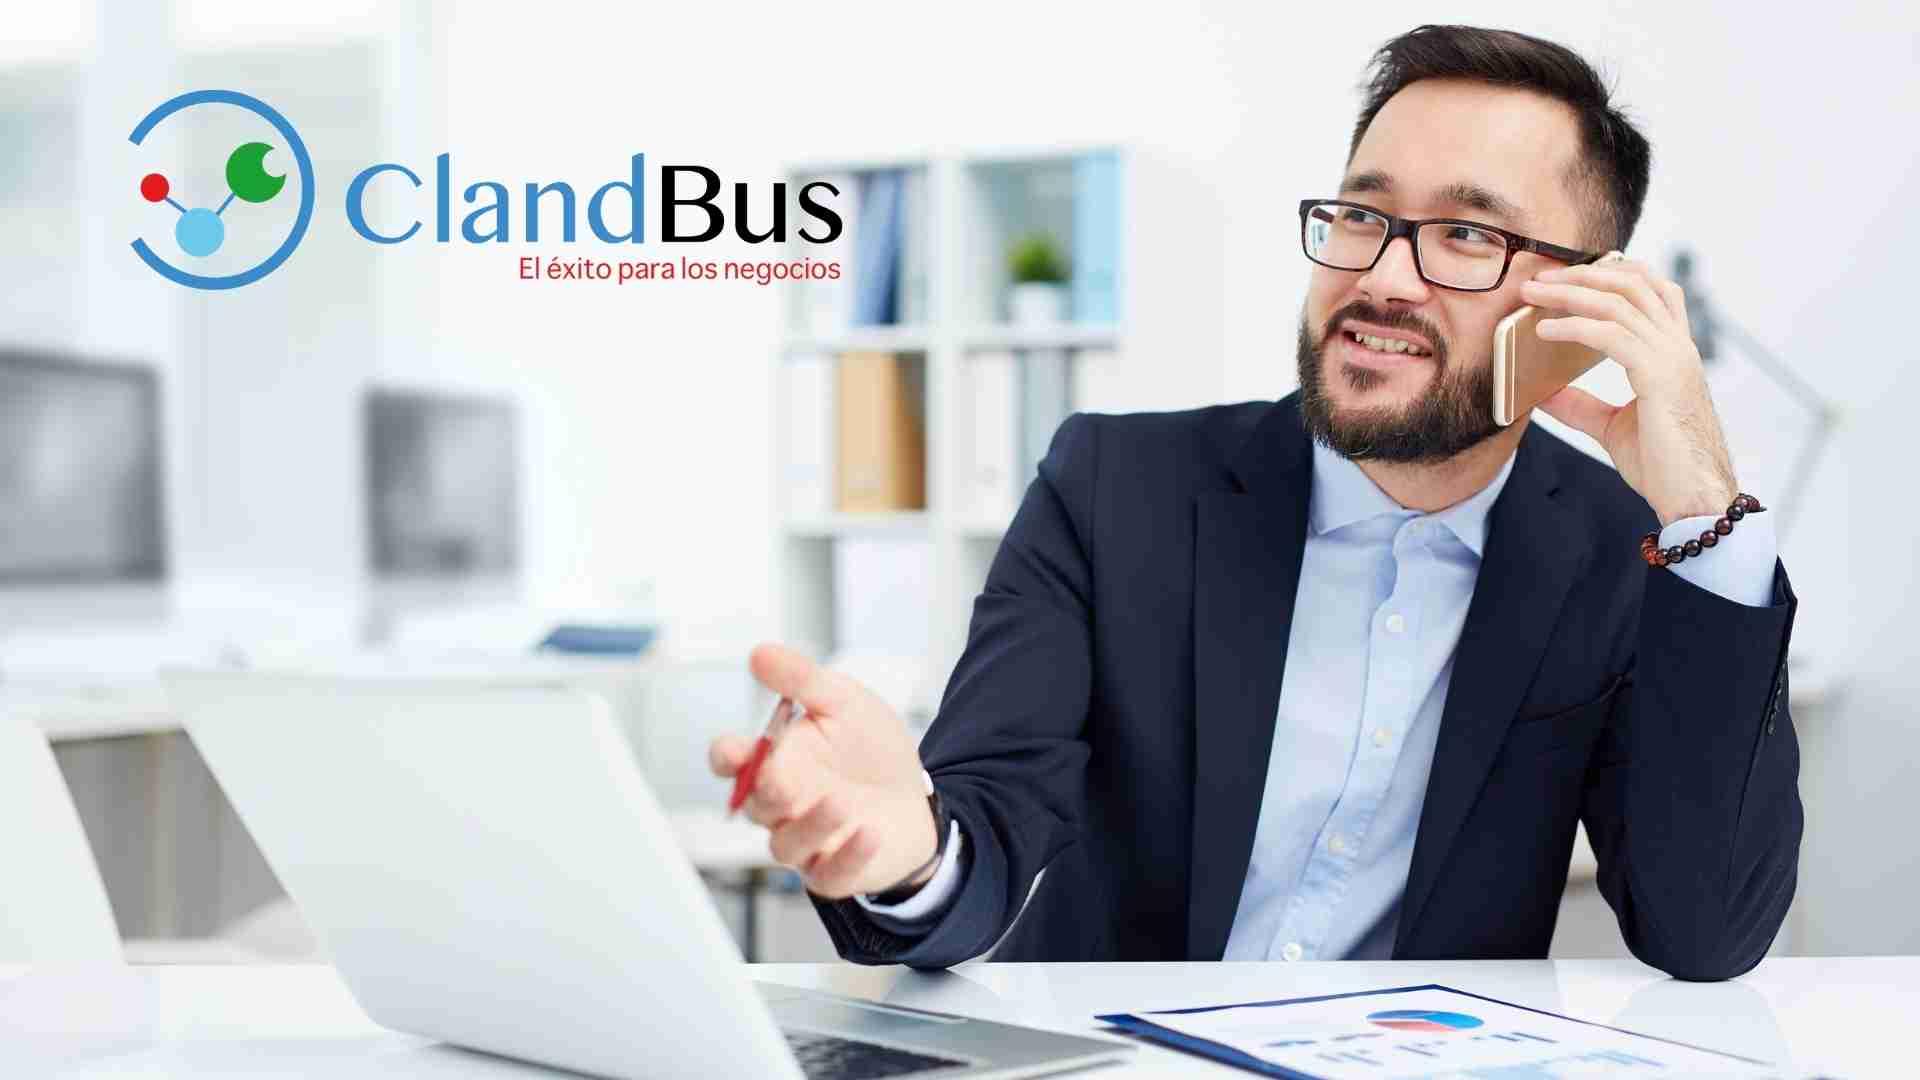 Ventajas ERP en la nube - Aumenta la ventaja competitiva aumentando el control, productividad y eficiencia en tus procesos con Acumatica ERP y las mejores prácticas de ClandBus